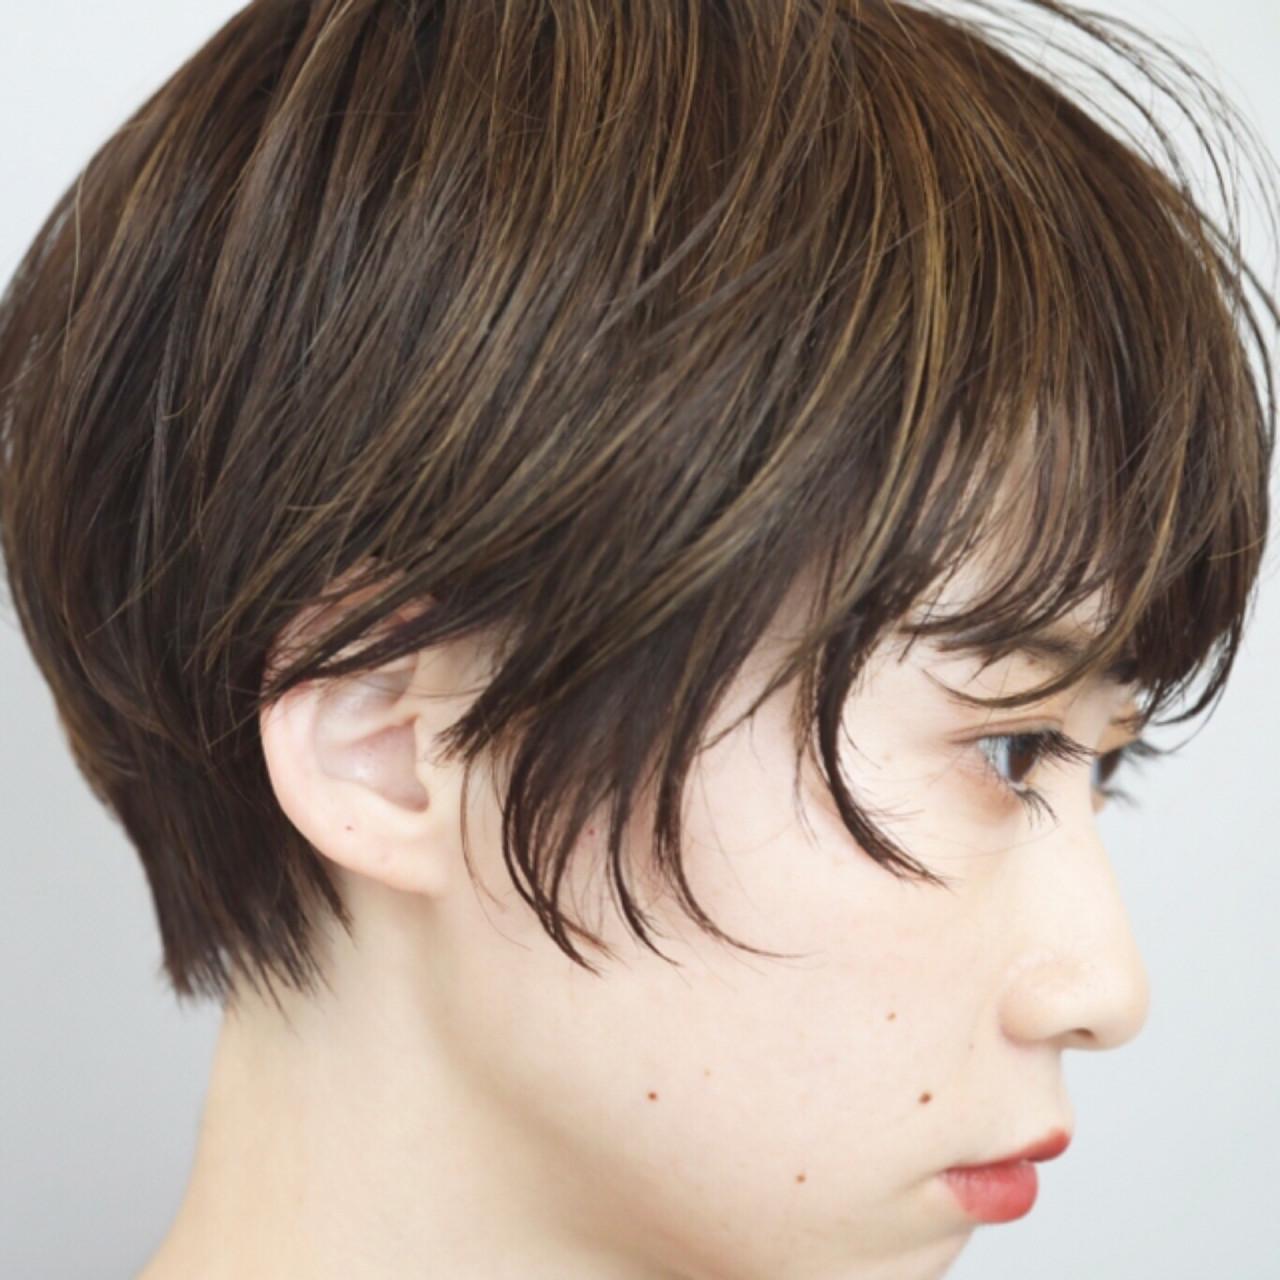 ナチュラル ショートボブ ハイライト デート ヘアスタイルや髪型の写真・画像